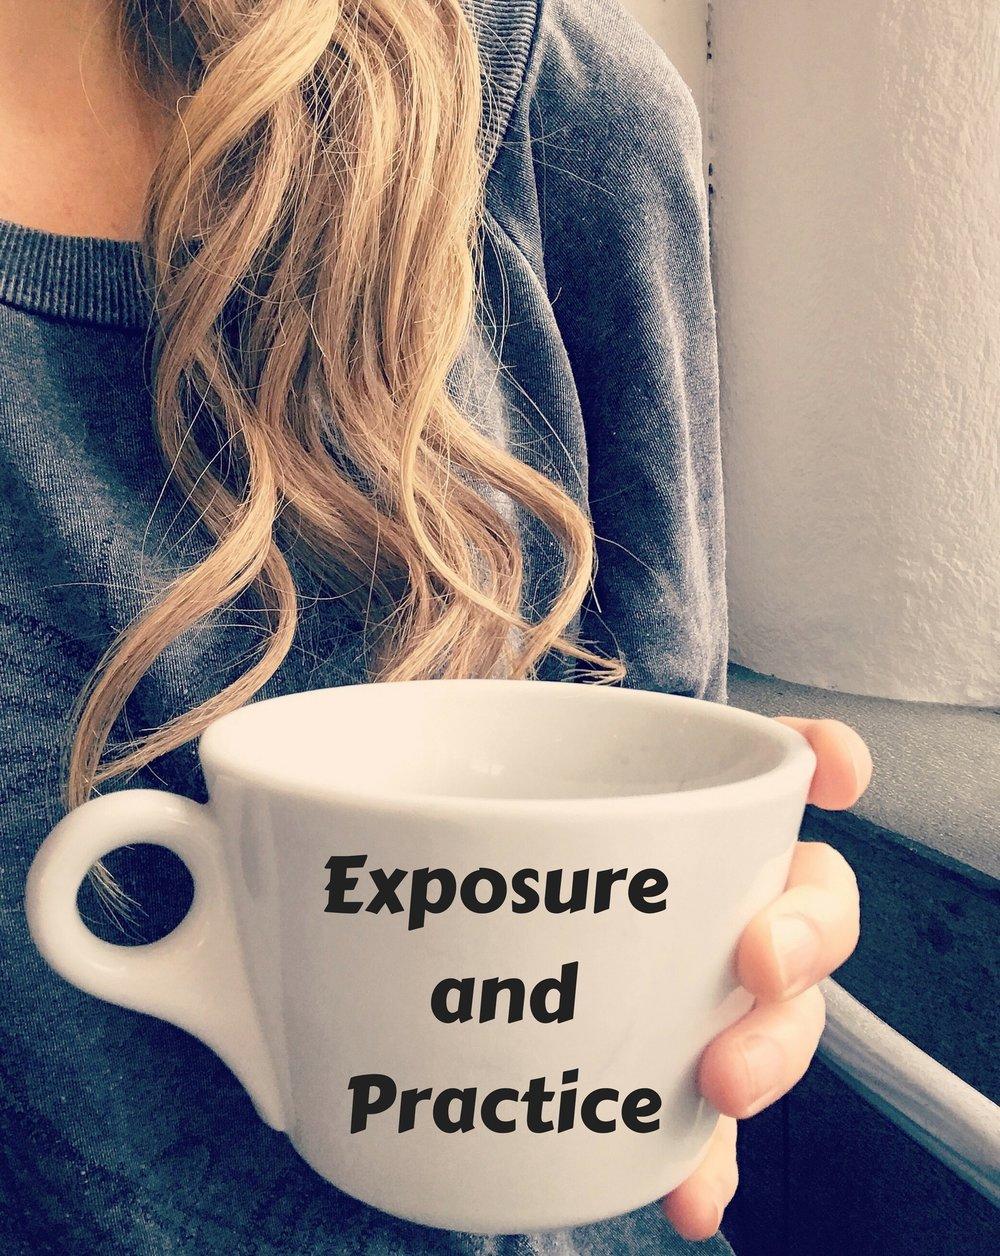 Exposure andPractice.jpg